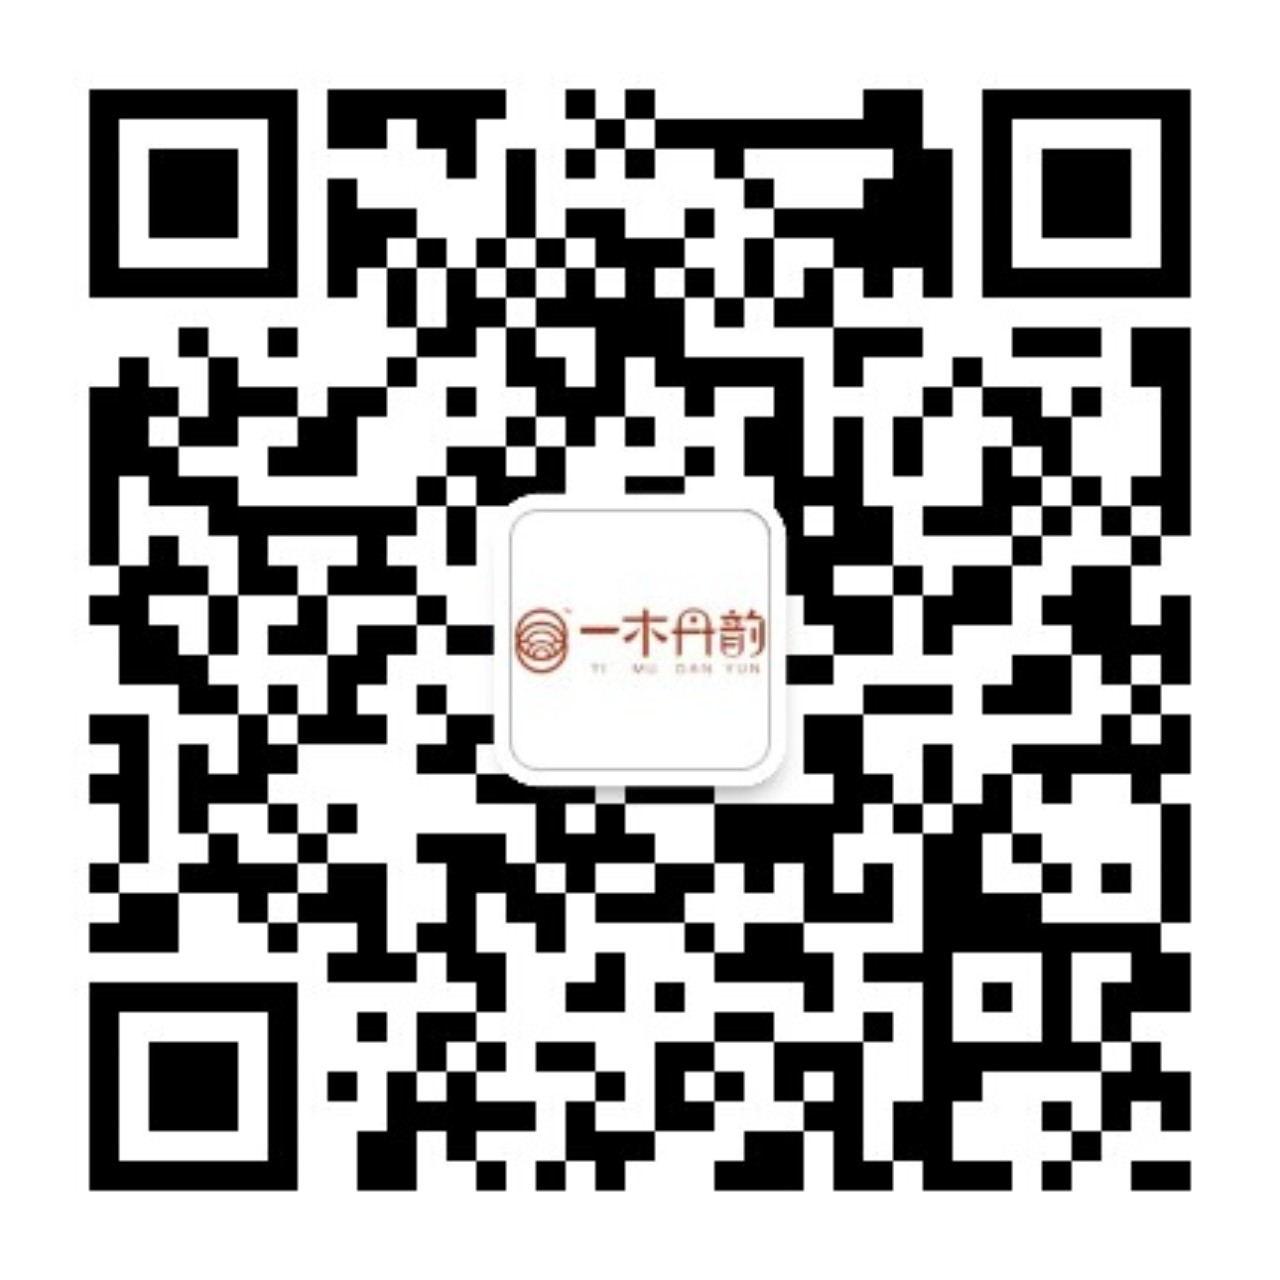 浙江一木丹韵家居用品有限公司